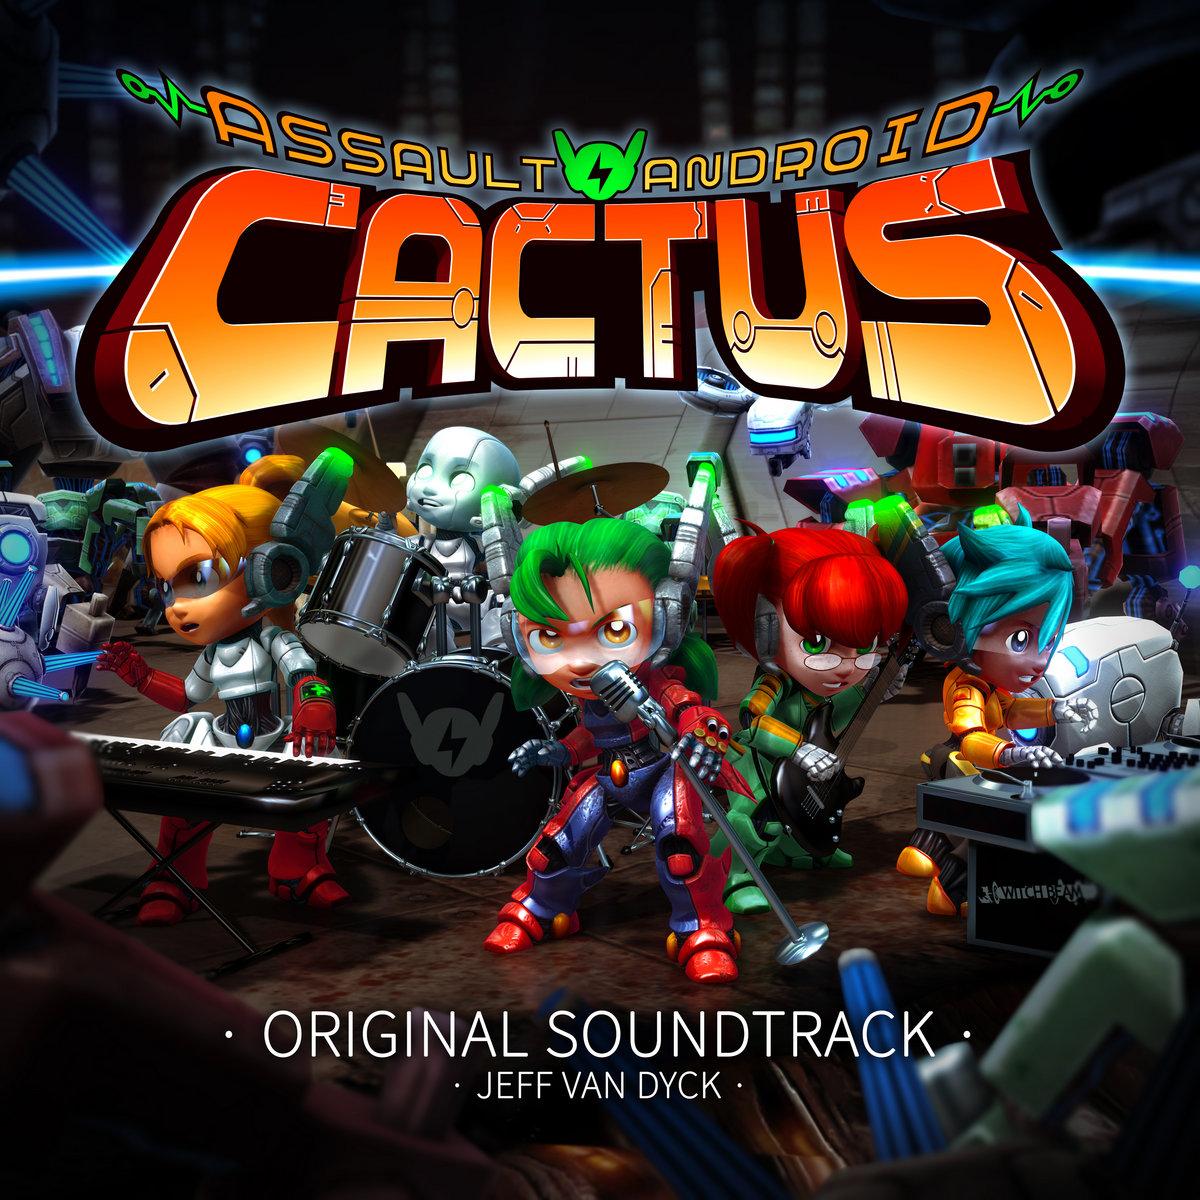 Скачать игру Assault Android Cactus